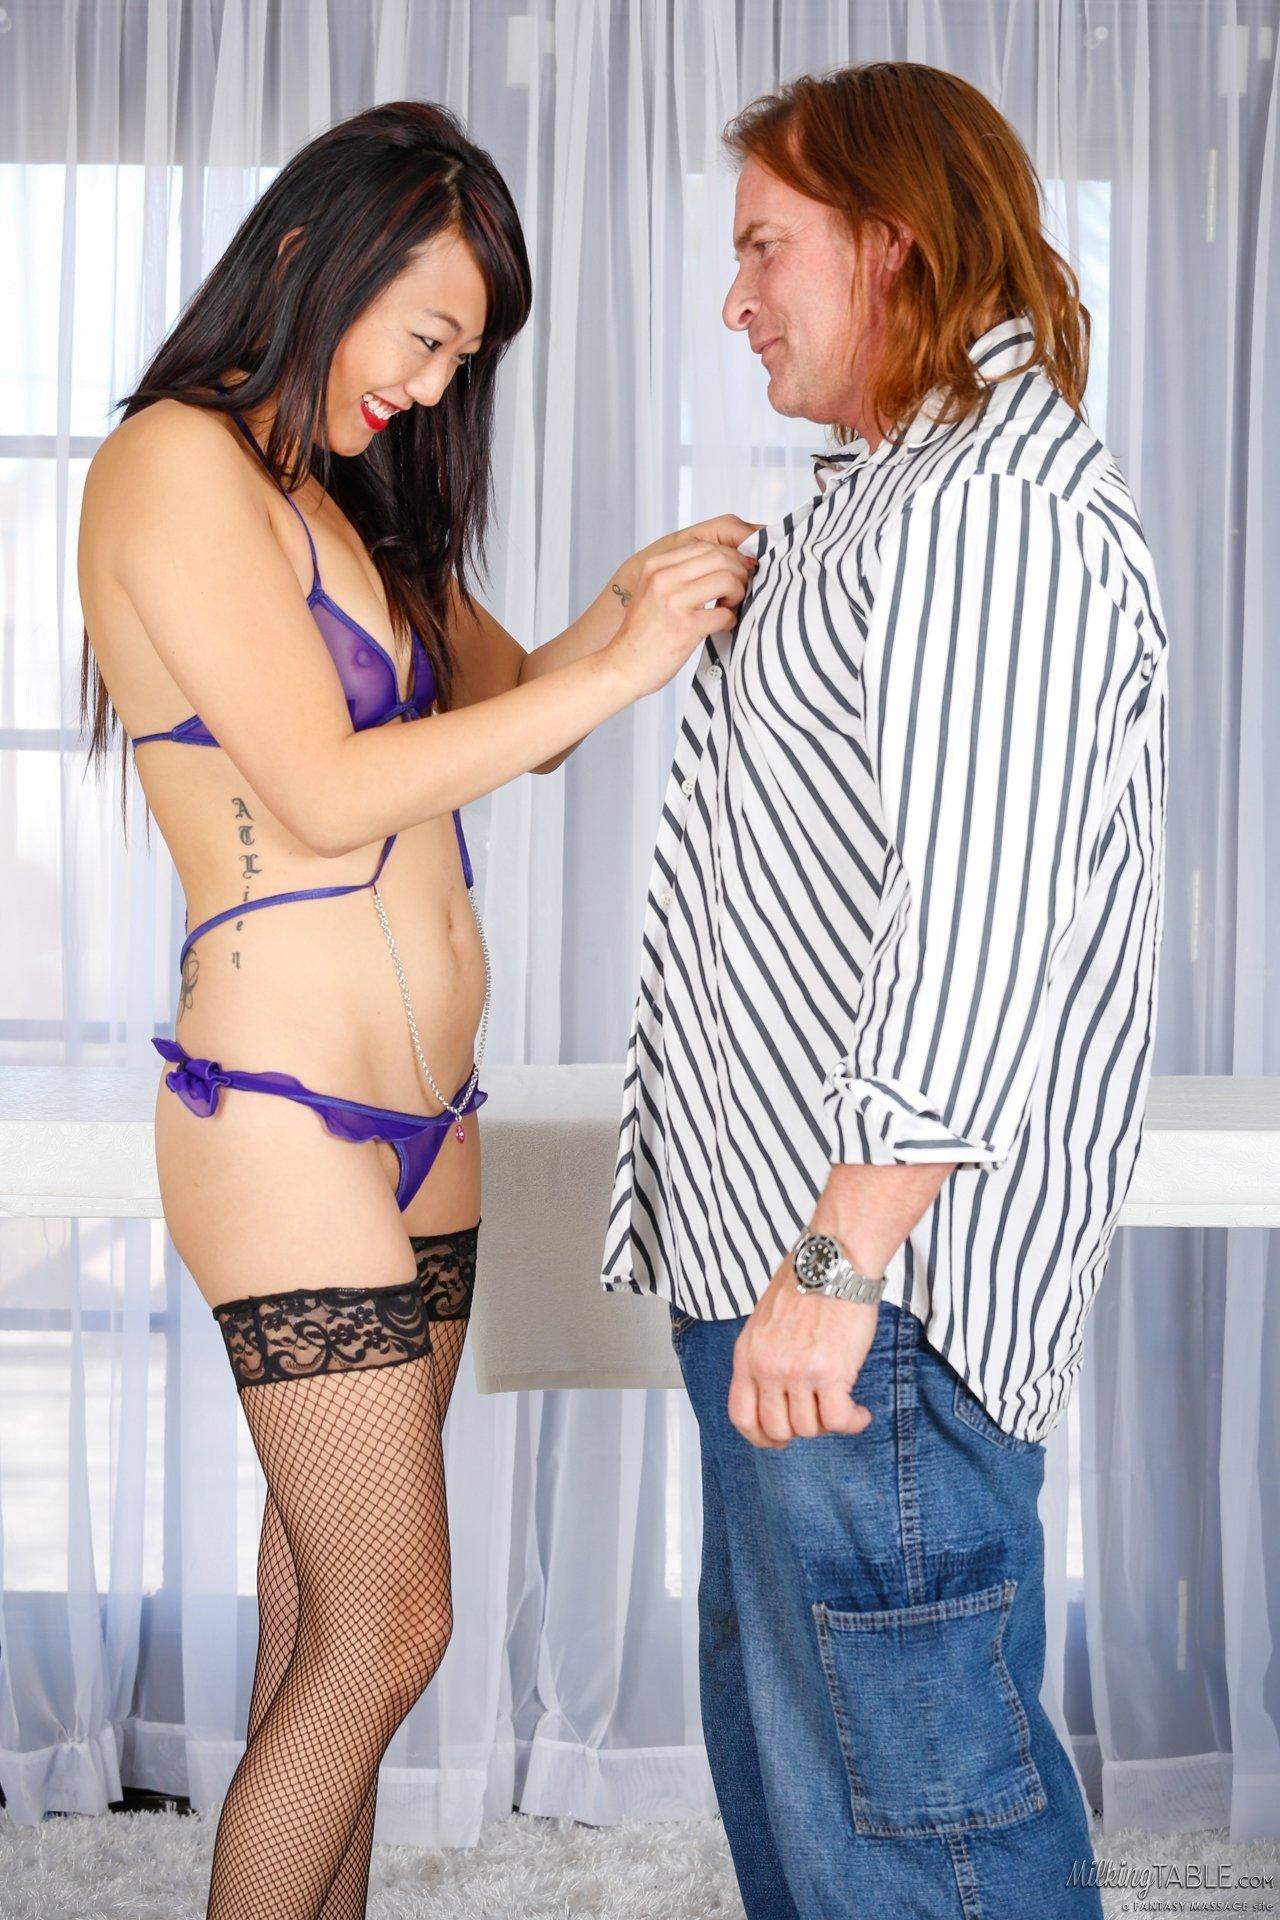 Глорихол - Порно фото галерея 1064307